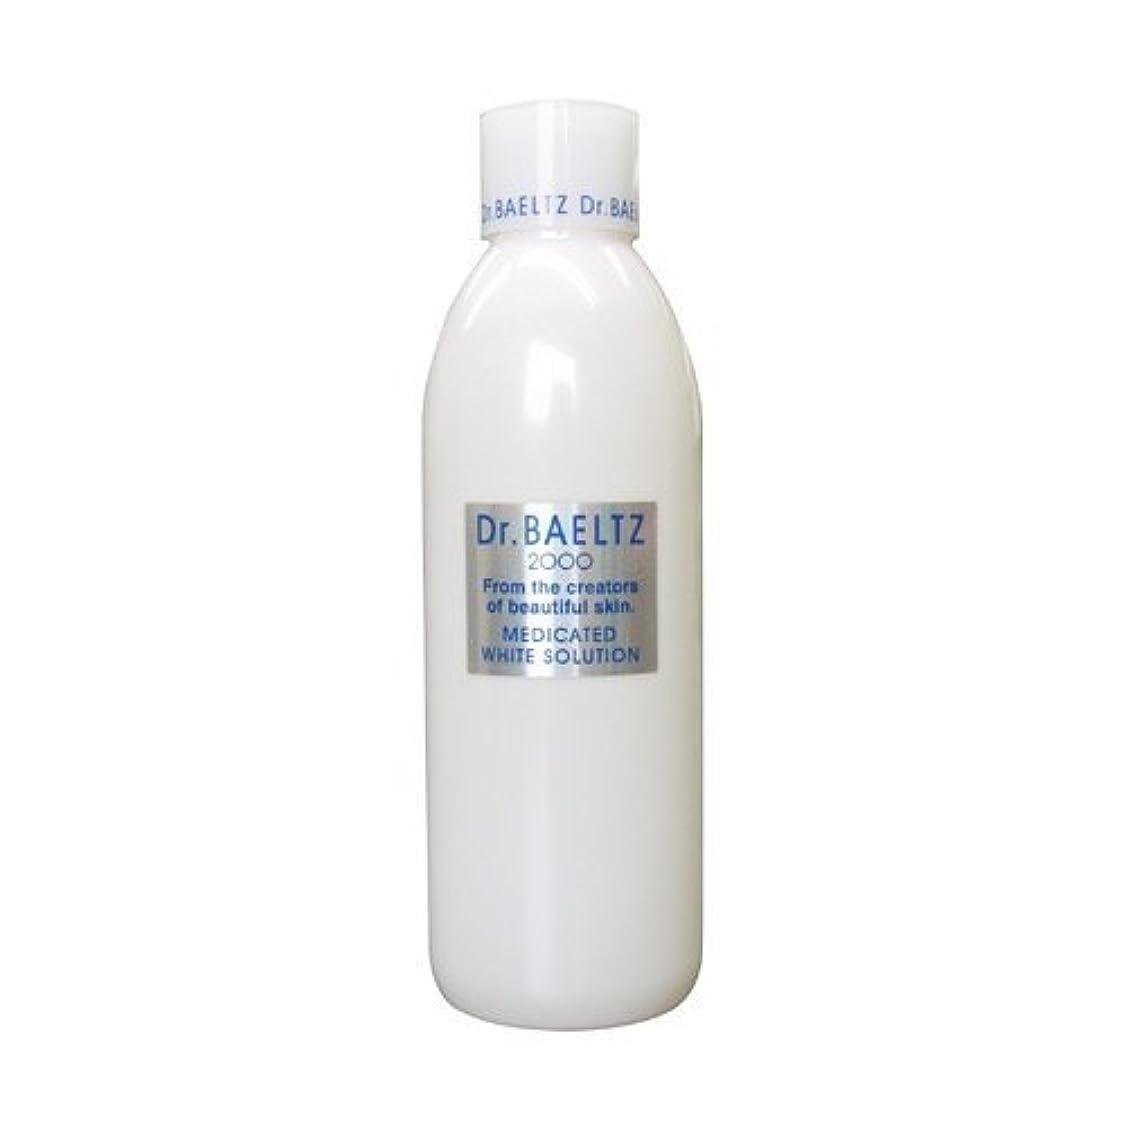 賞残高識字ドクターベルツ(Dr.BAELTZ) 薬用ホワイトソリューション 300ml(美白化粧水 医薬部外品)